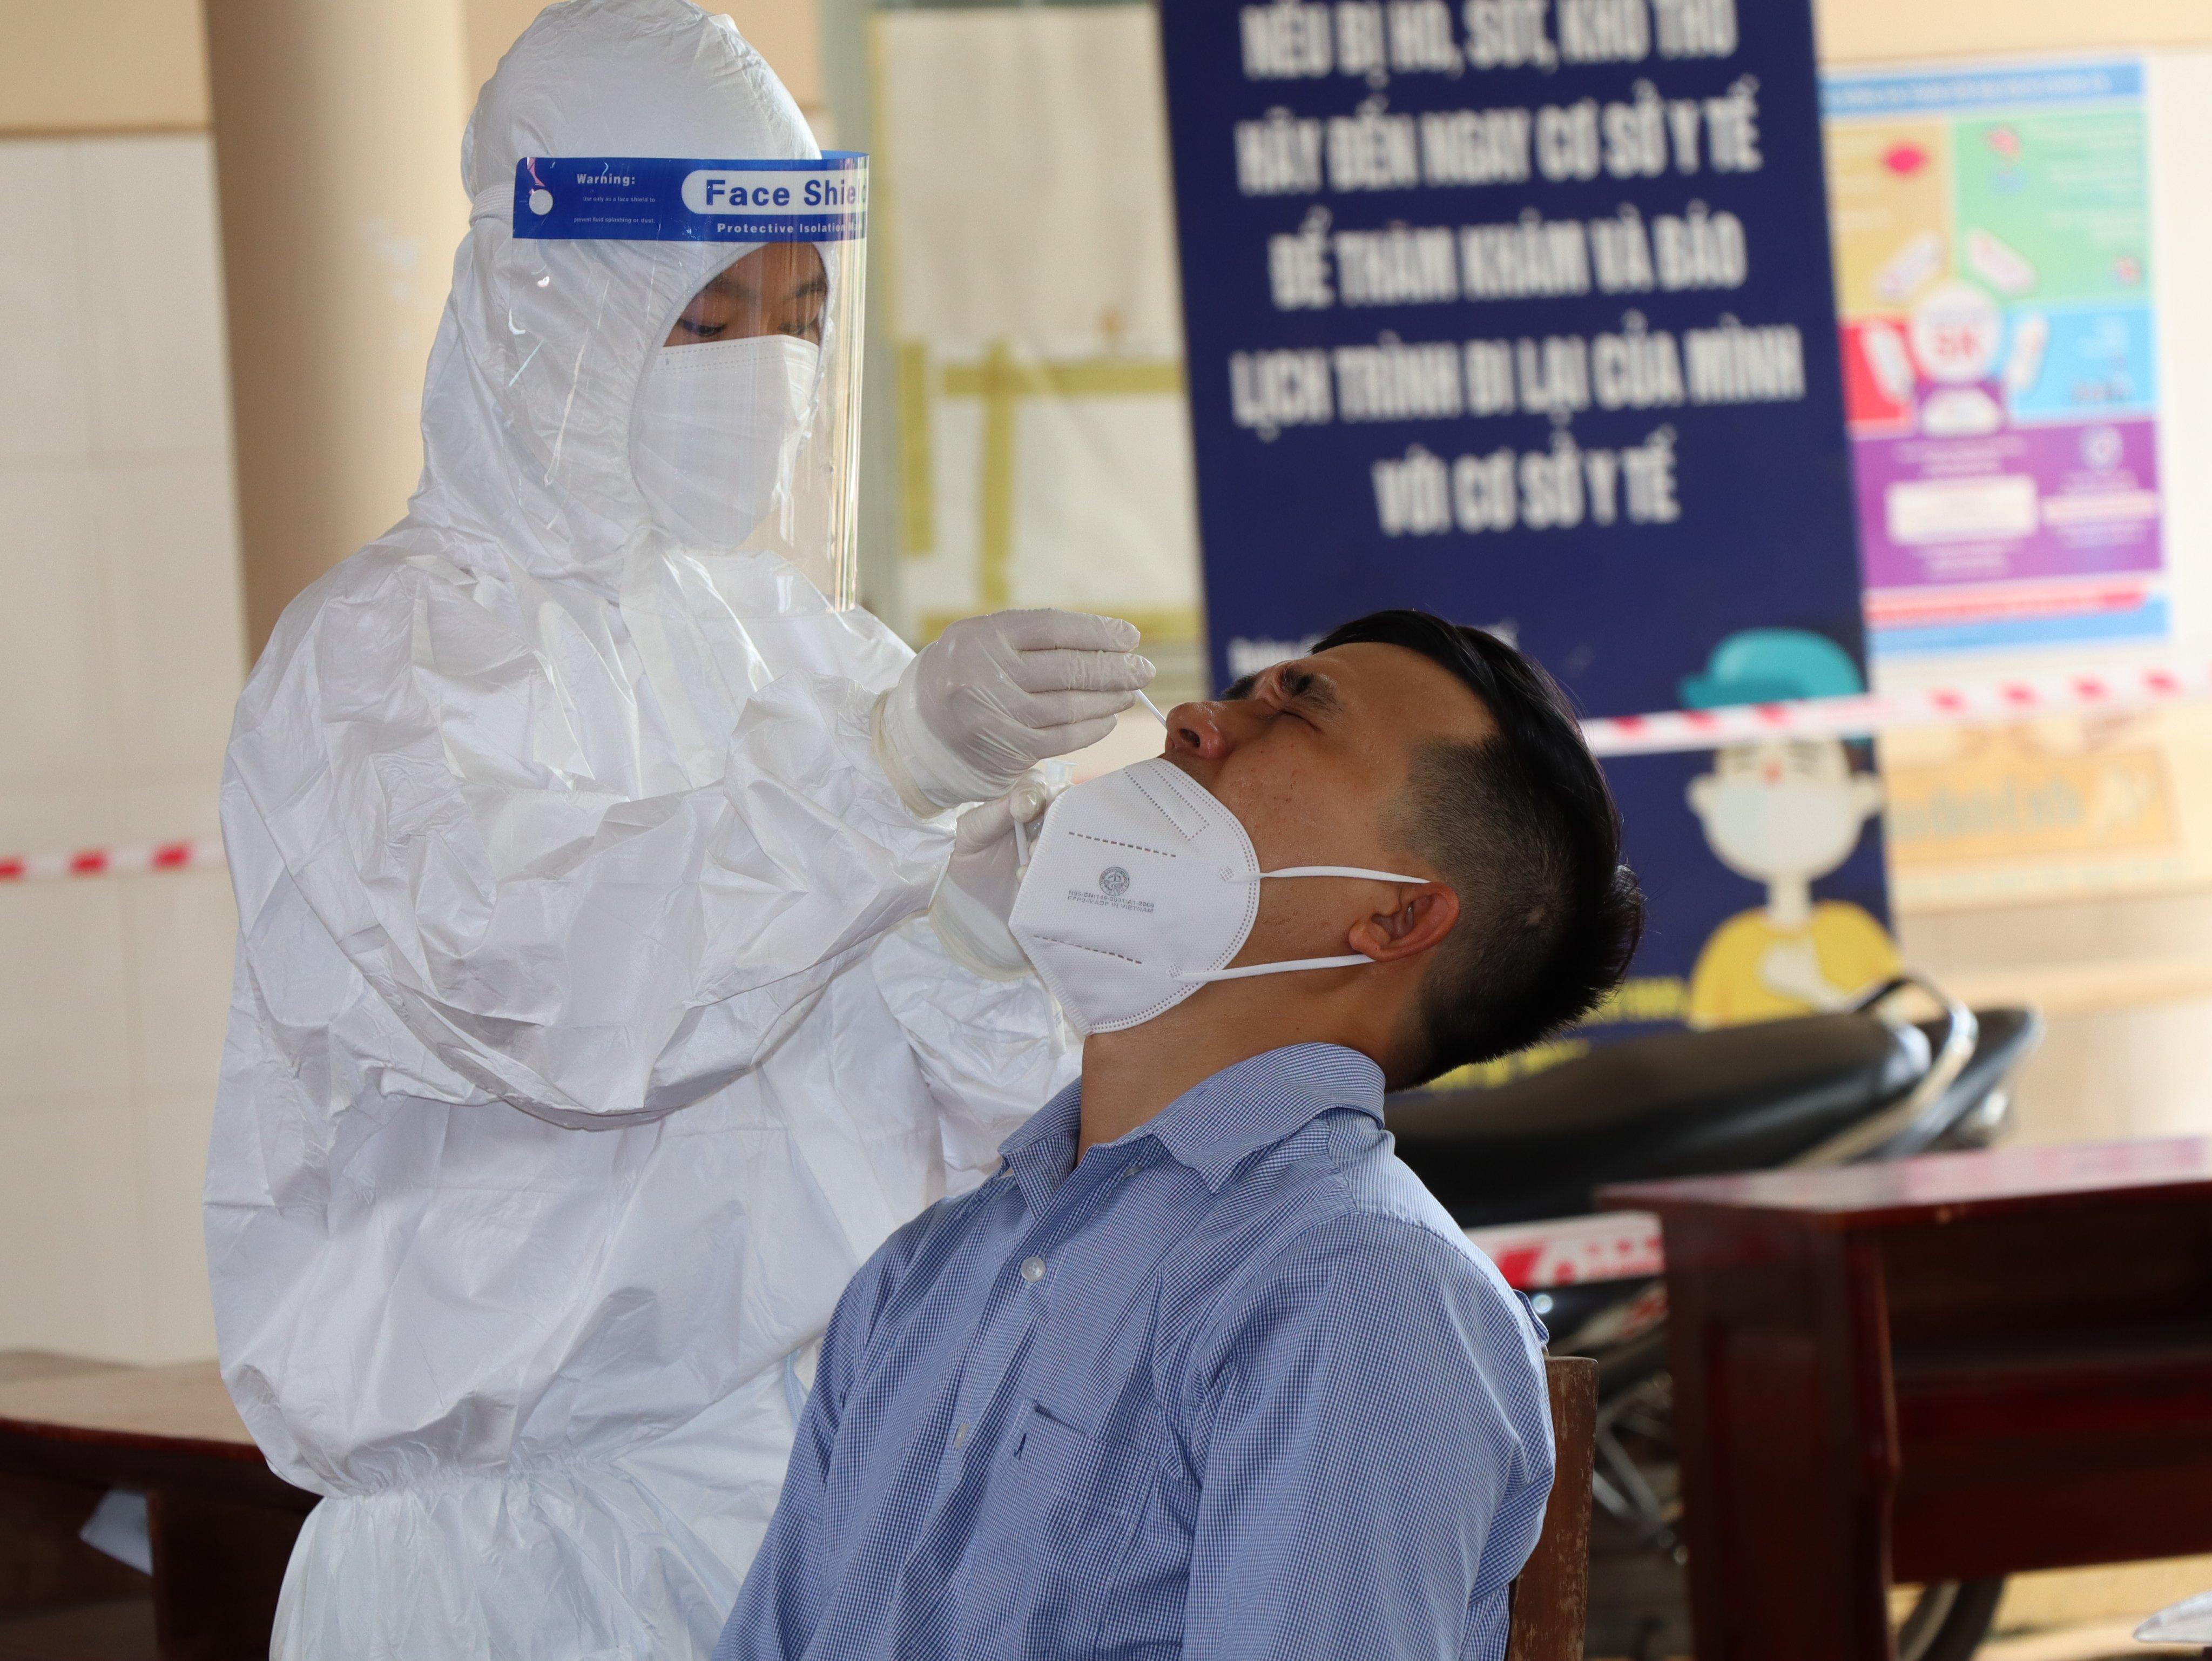 Ghi nhận thêm 10 trường hợp dương tính với SARS-CoV-2 trong ngày 14/9